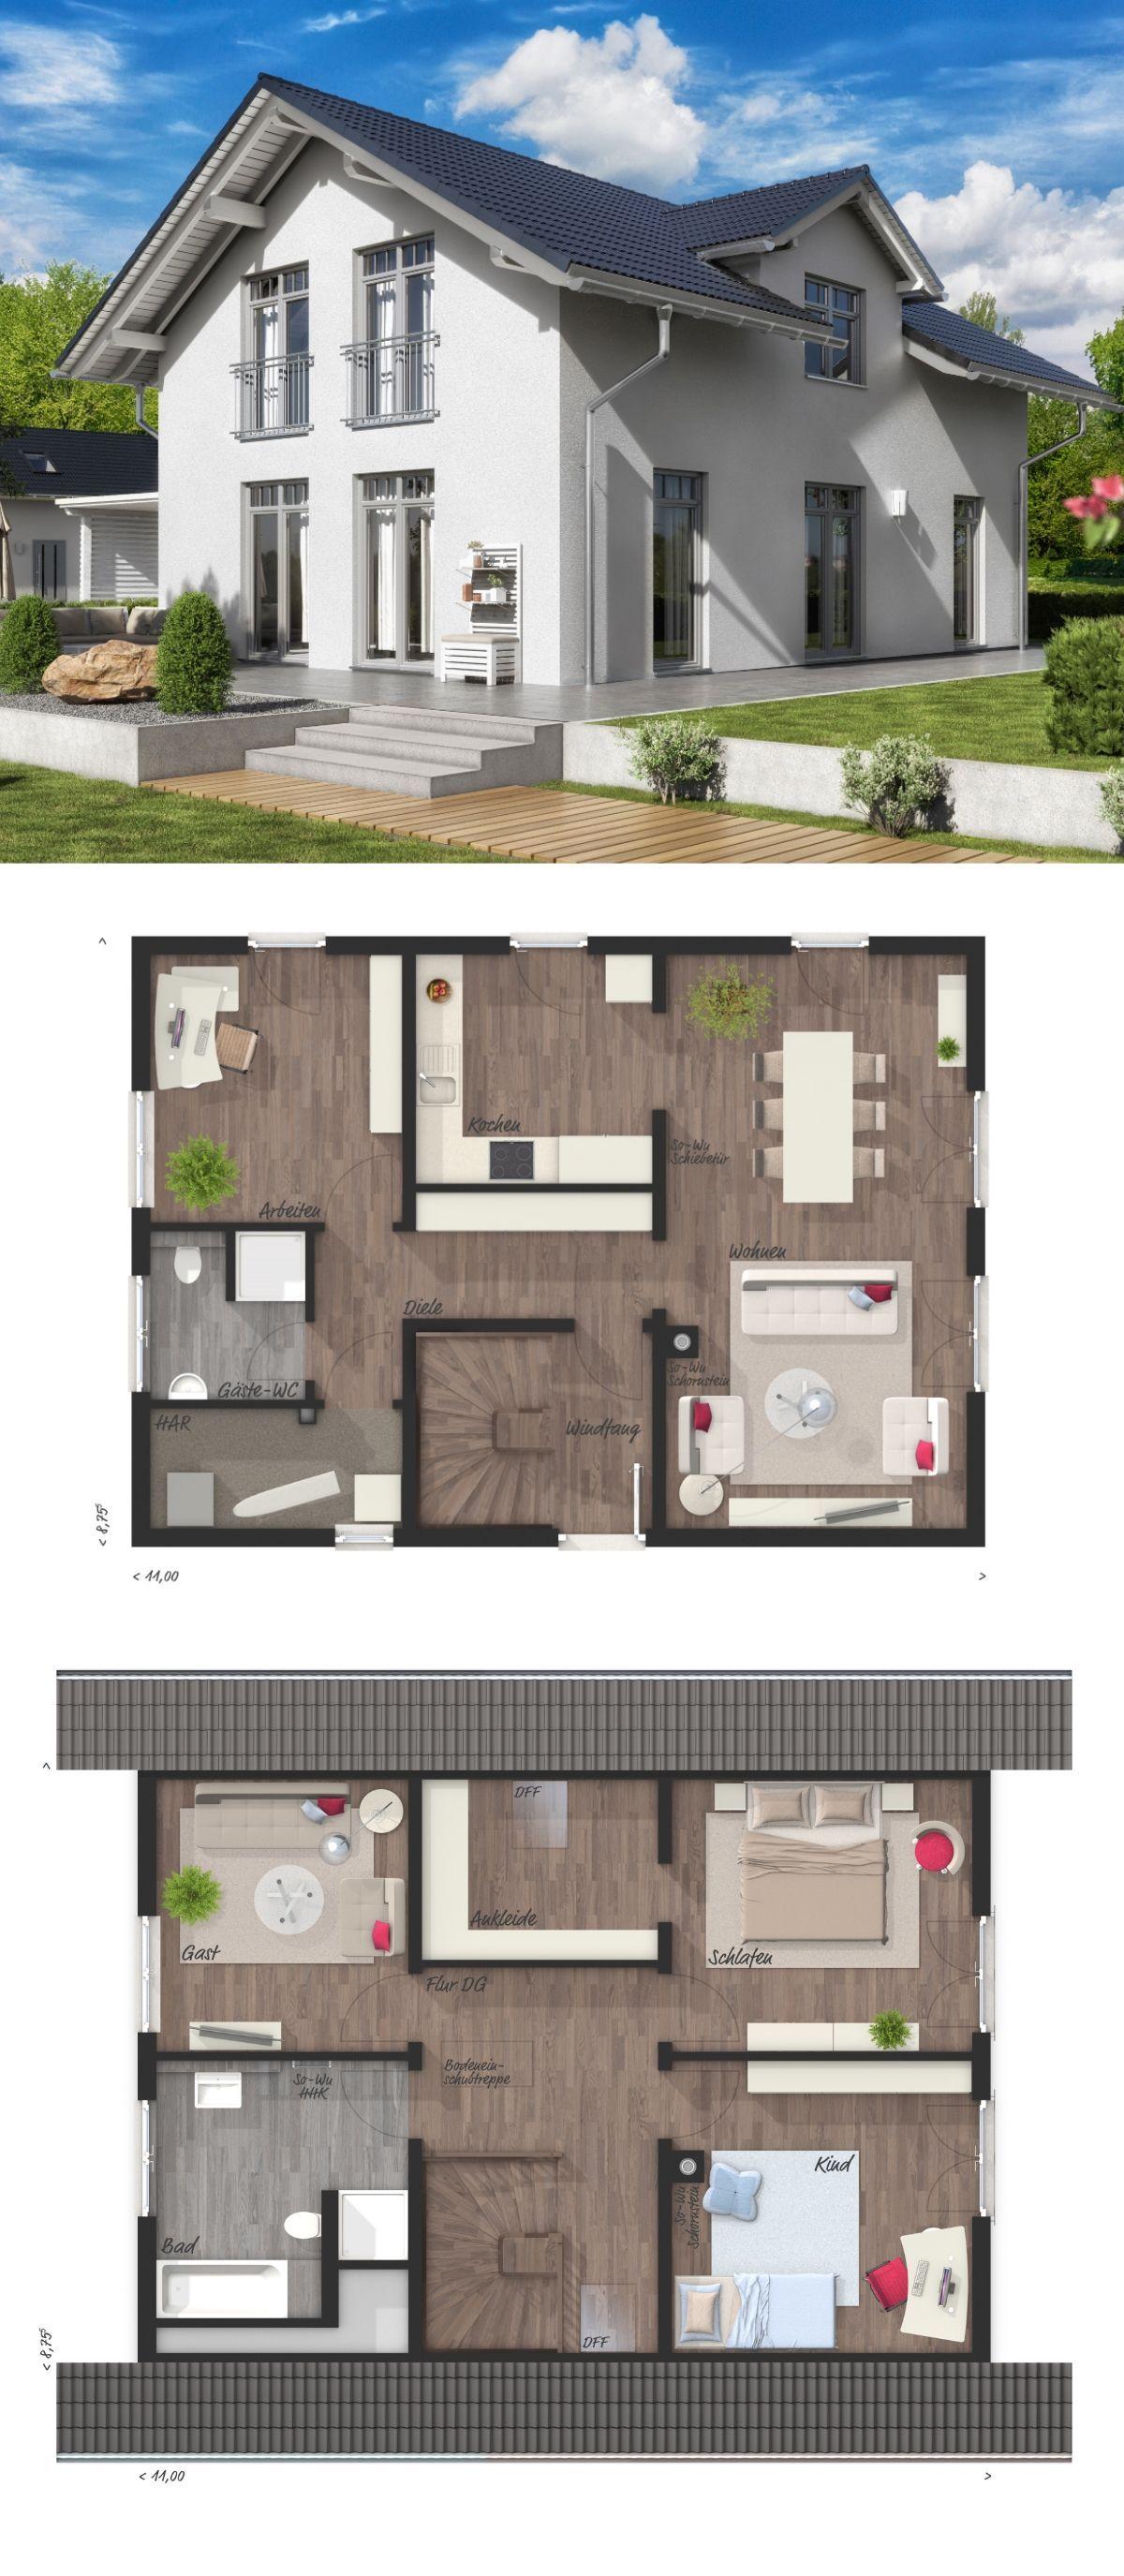 Haus flur design-ideen modernes haus grundriss mit satteldach architektur u zwerchgiebel